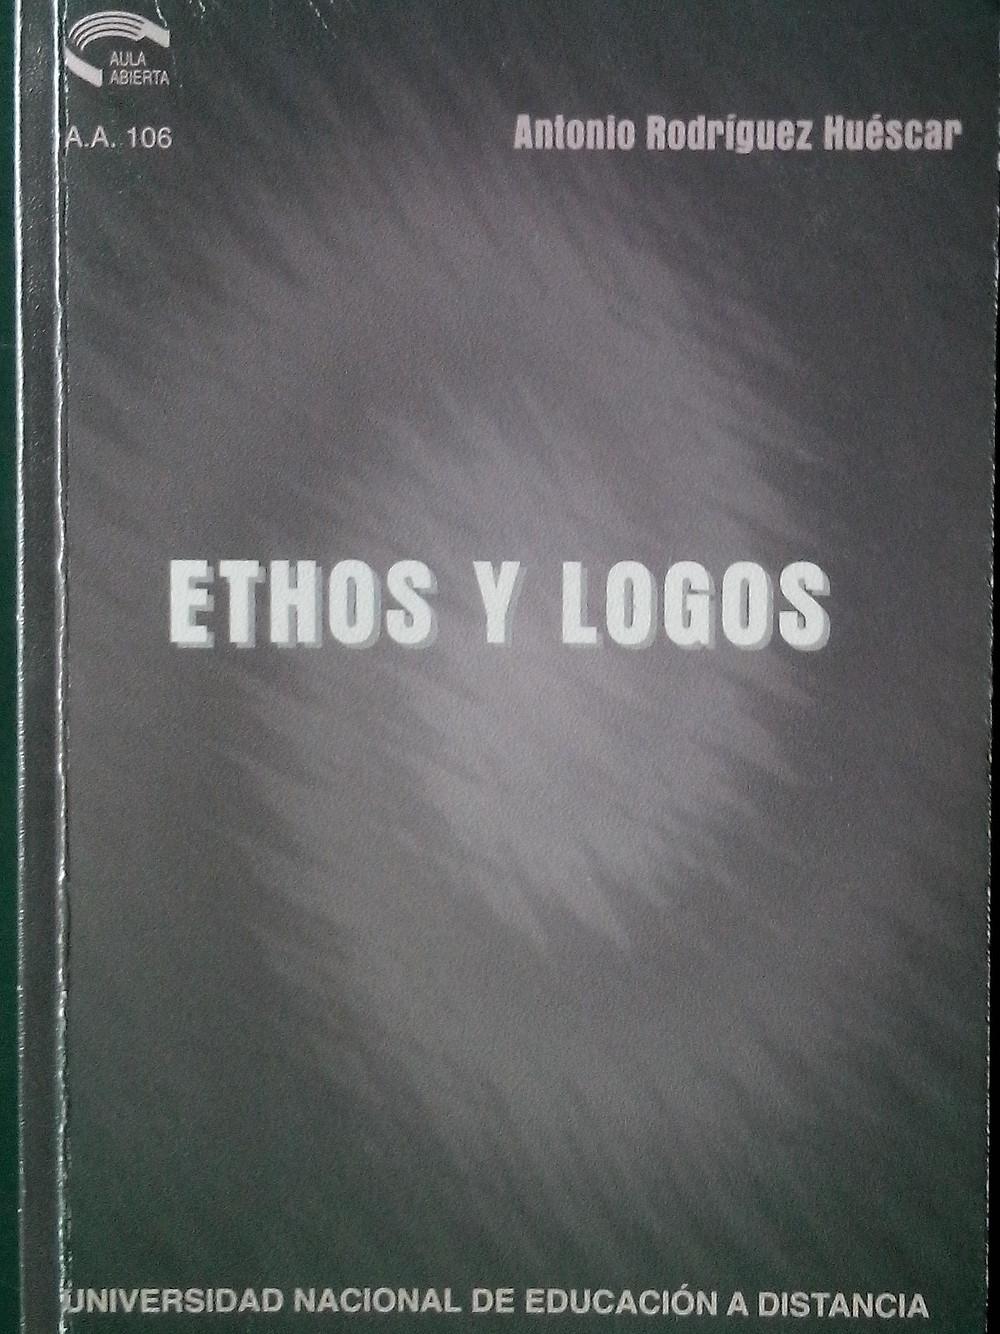 Reseña del libro Cerezo Galán en la Revista de Estudios Orteguianos, nº 24, 2012.